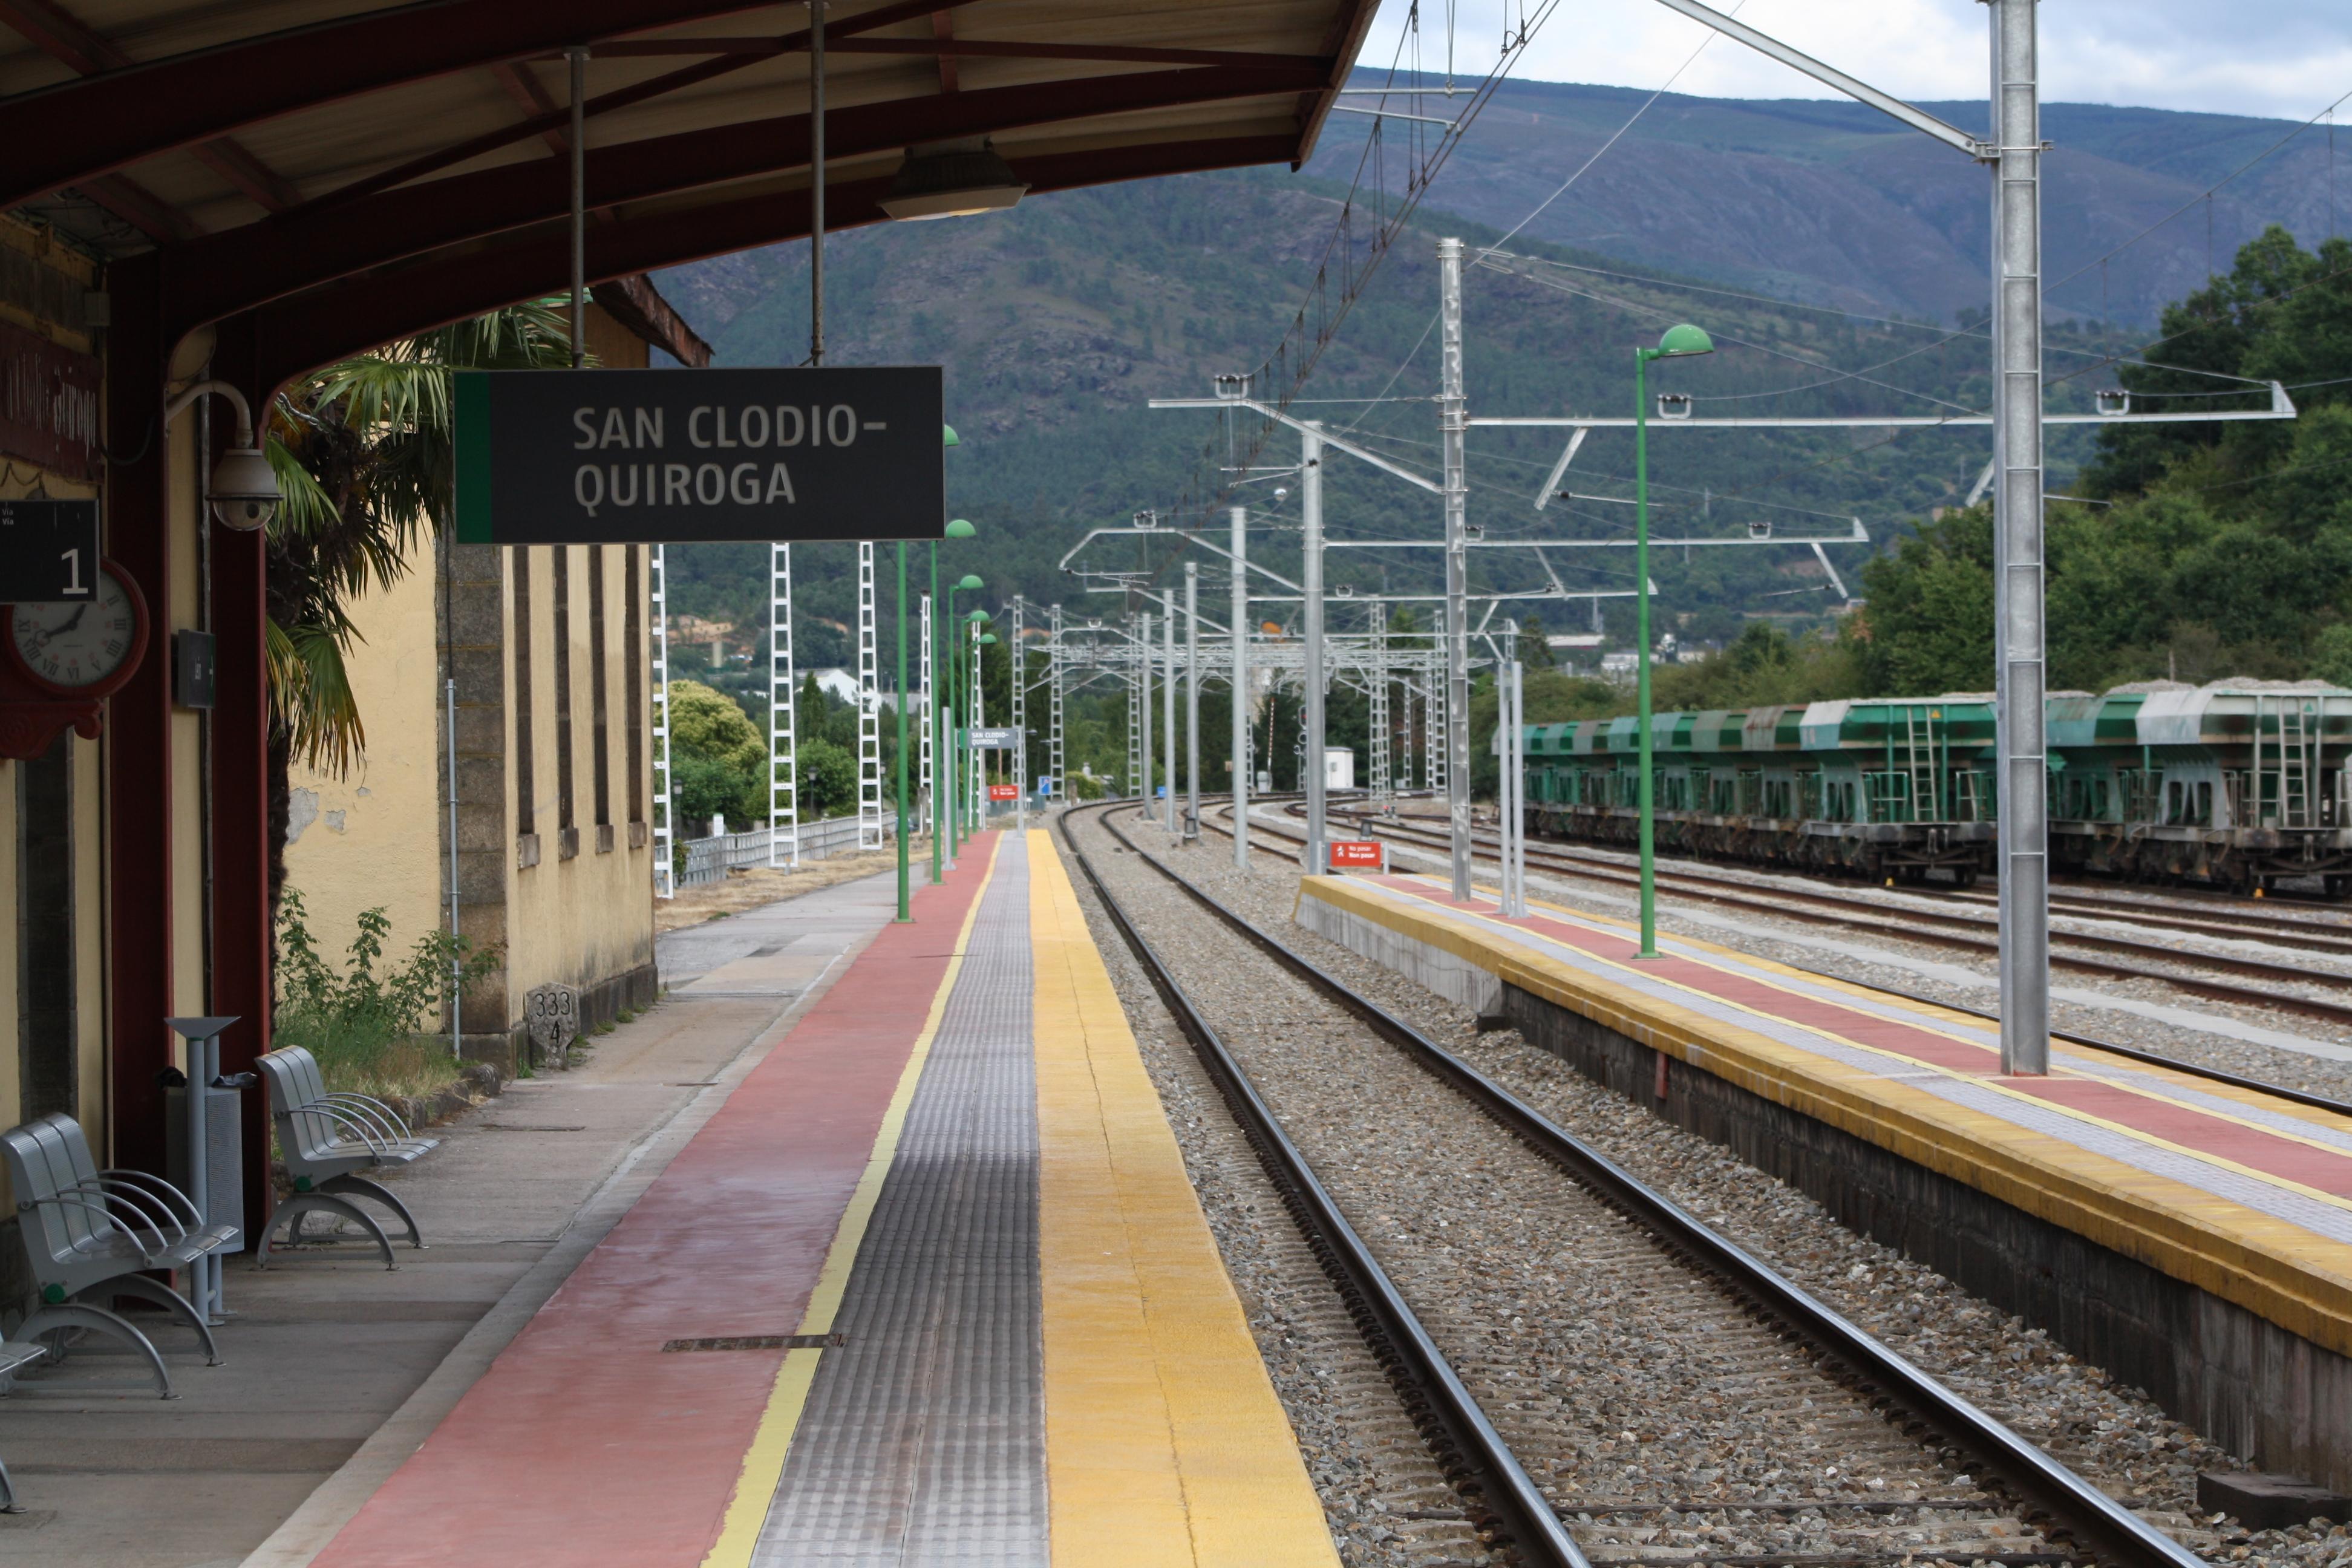 Estación de San Clodio-Quiroga